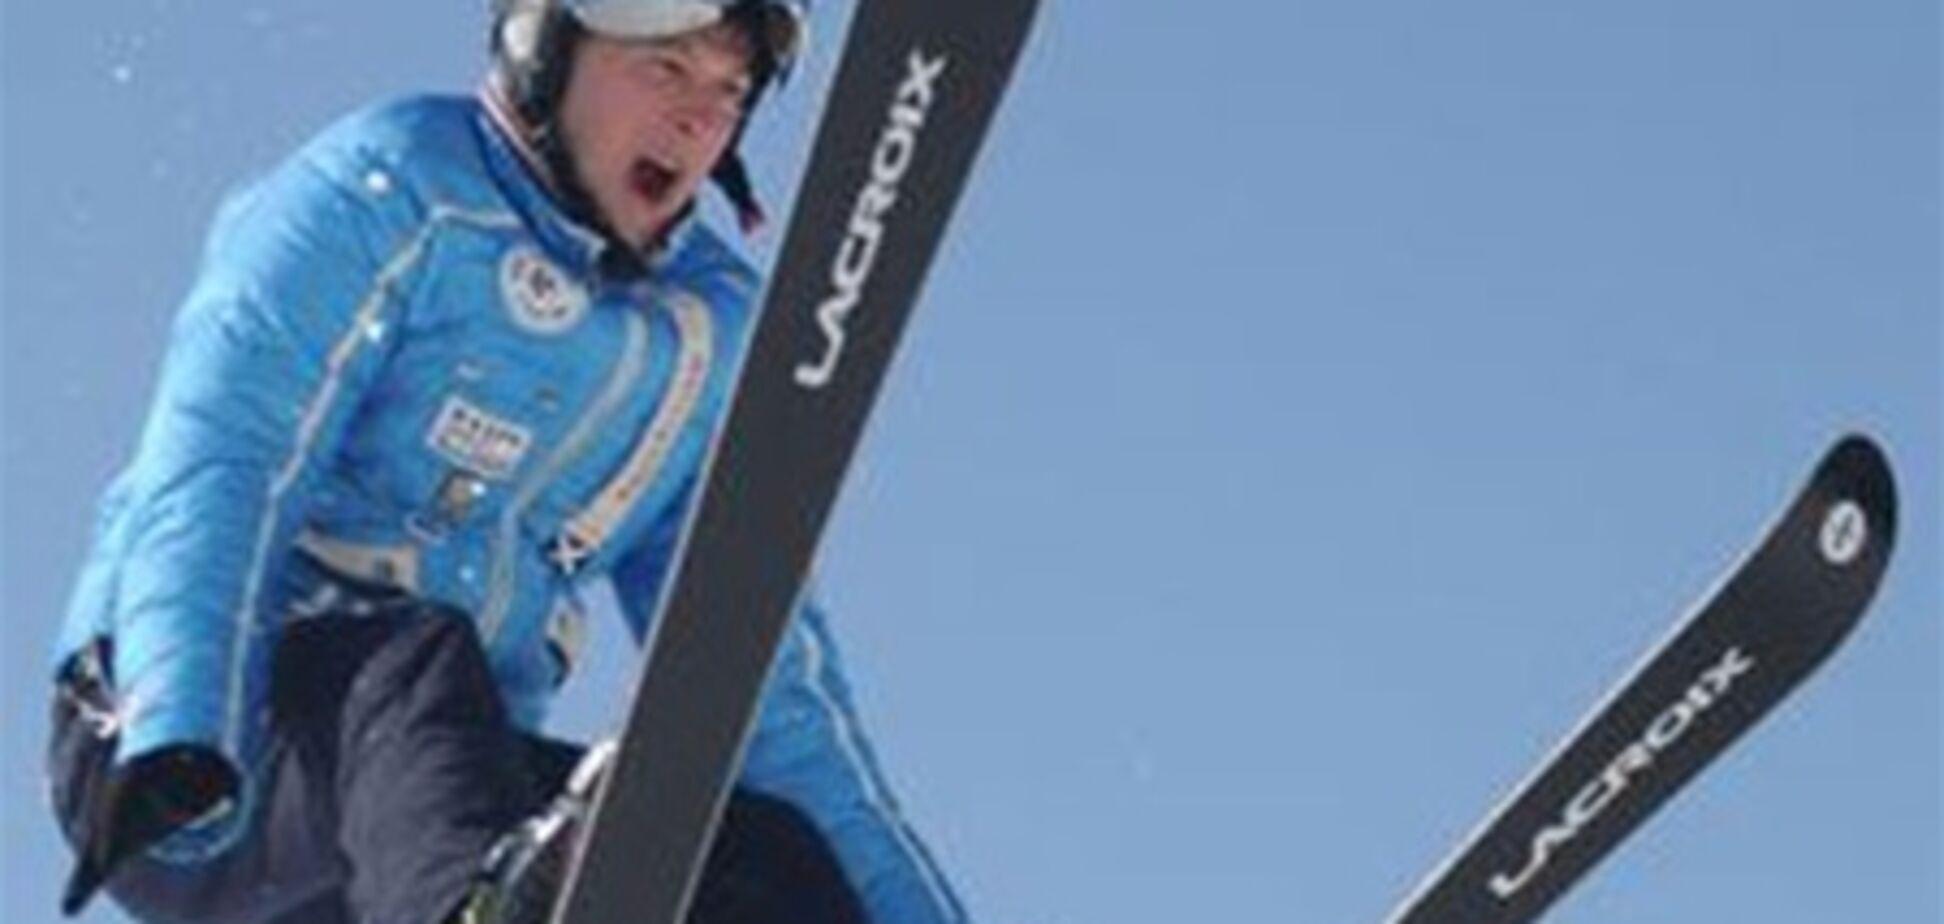 Хомутиннік катається на лижах за 1090 євро